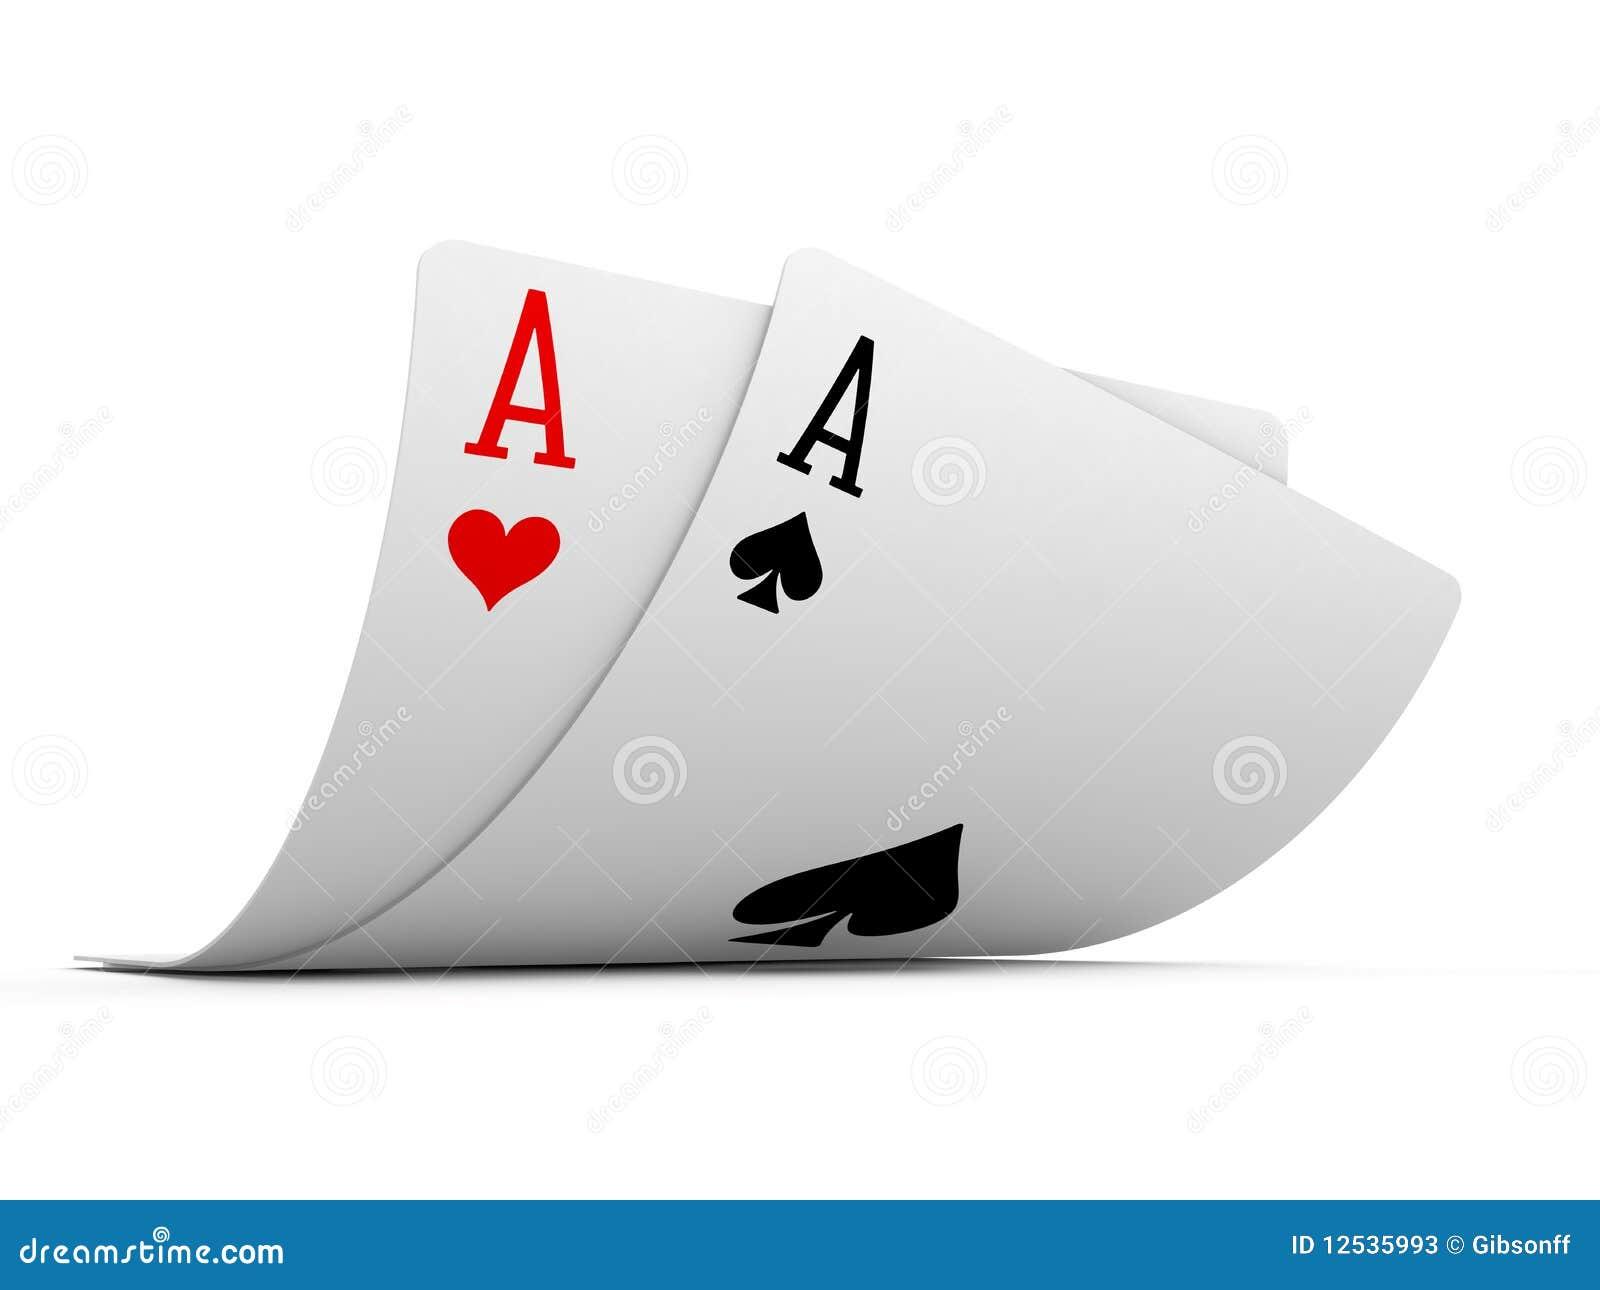 pocket ace poker 99 online